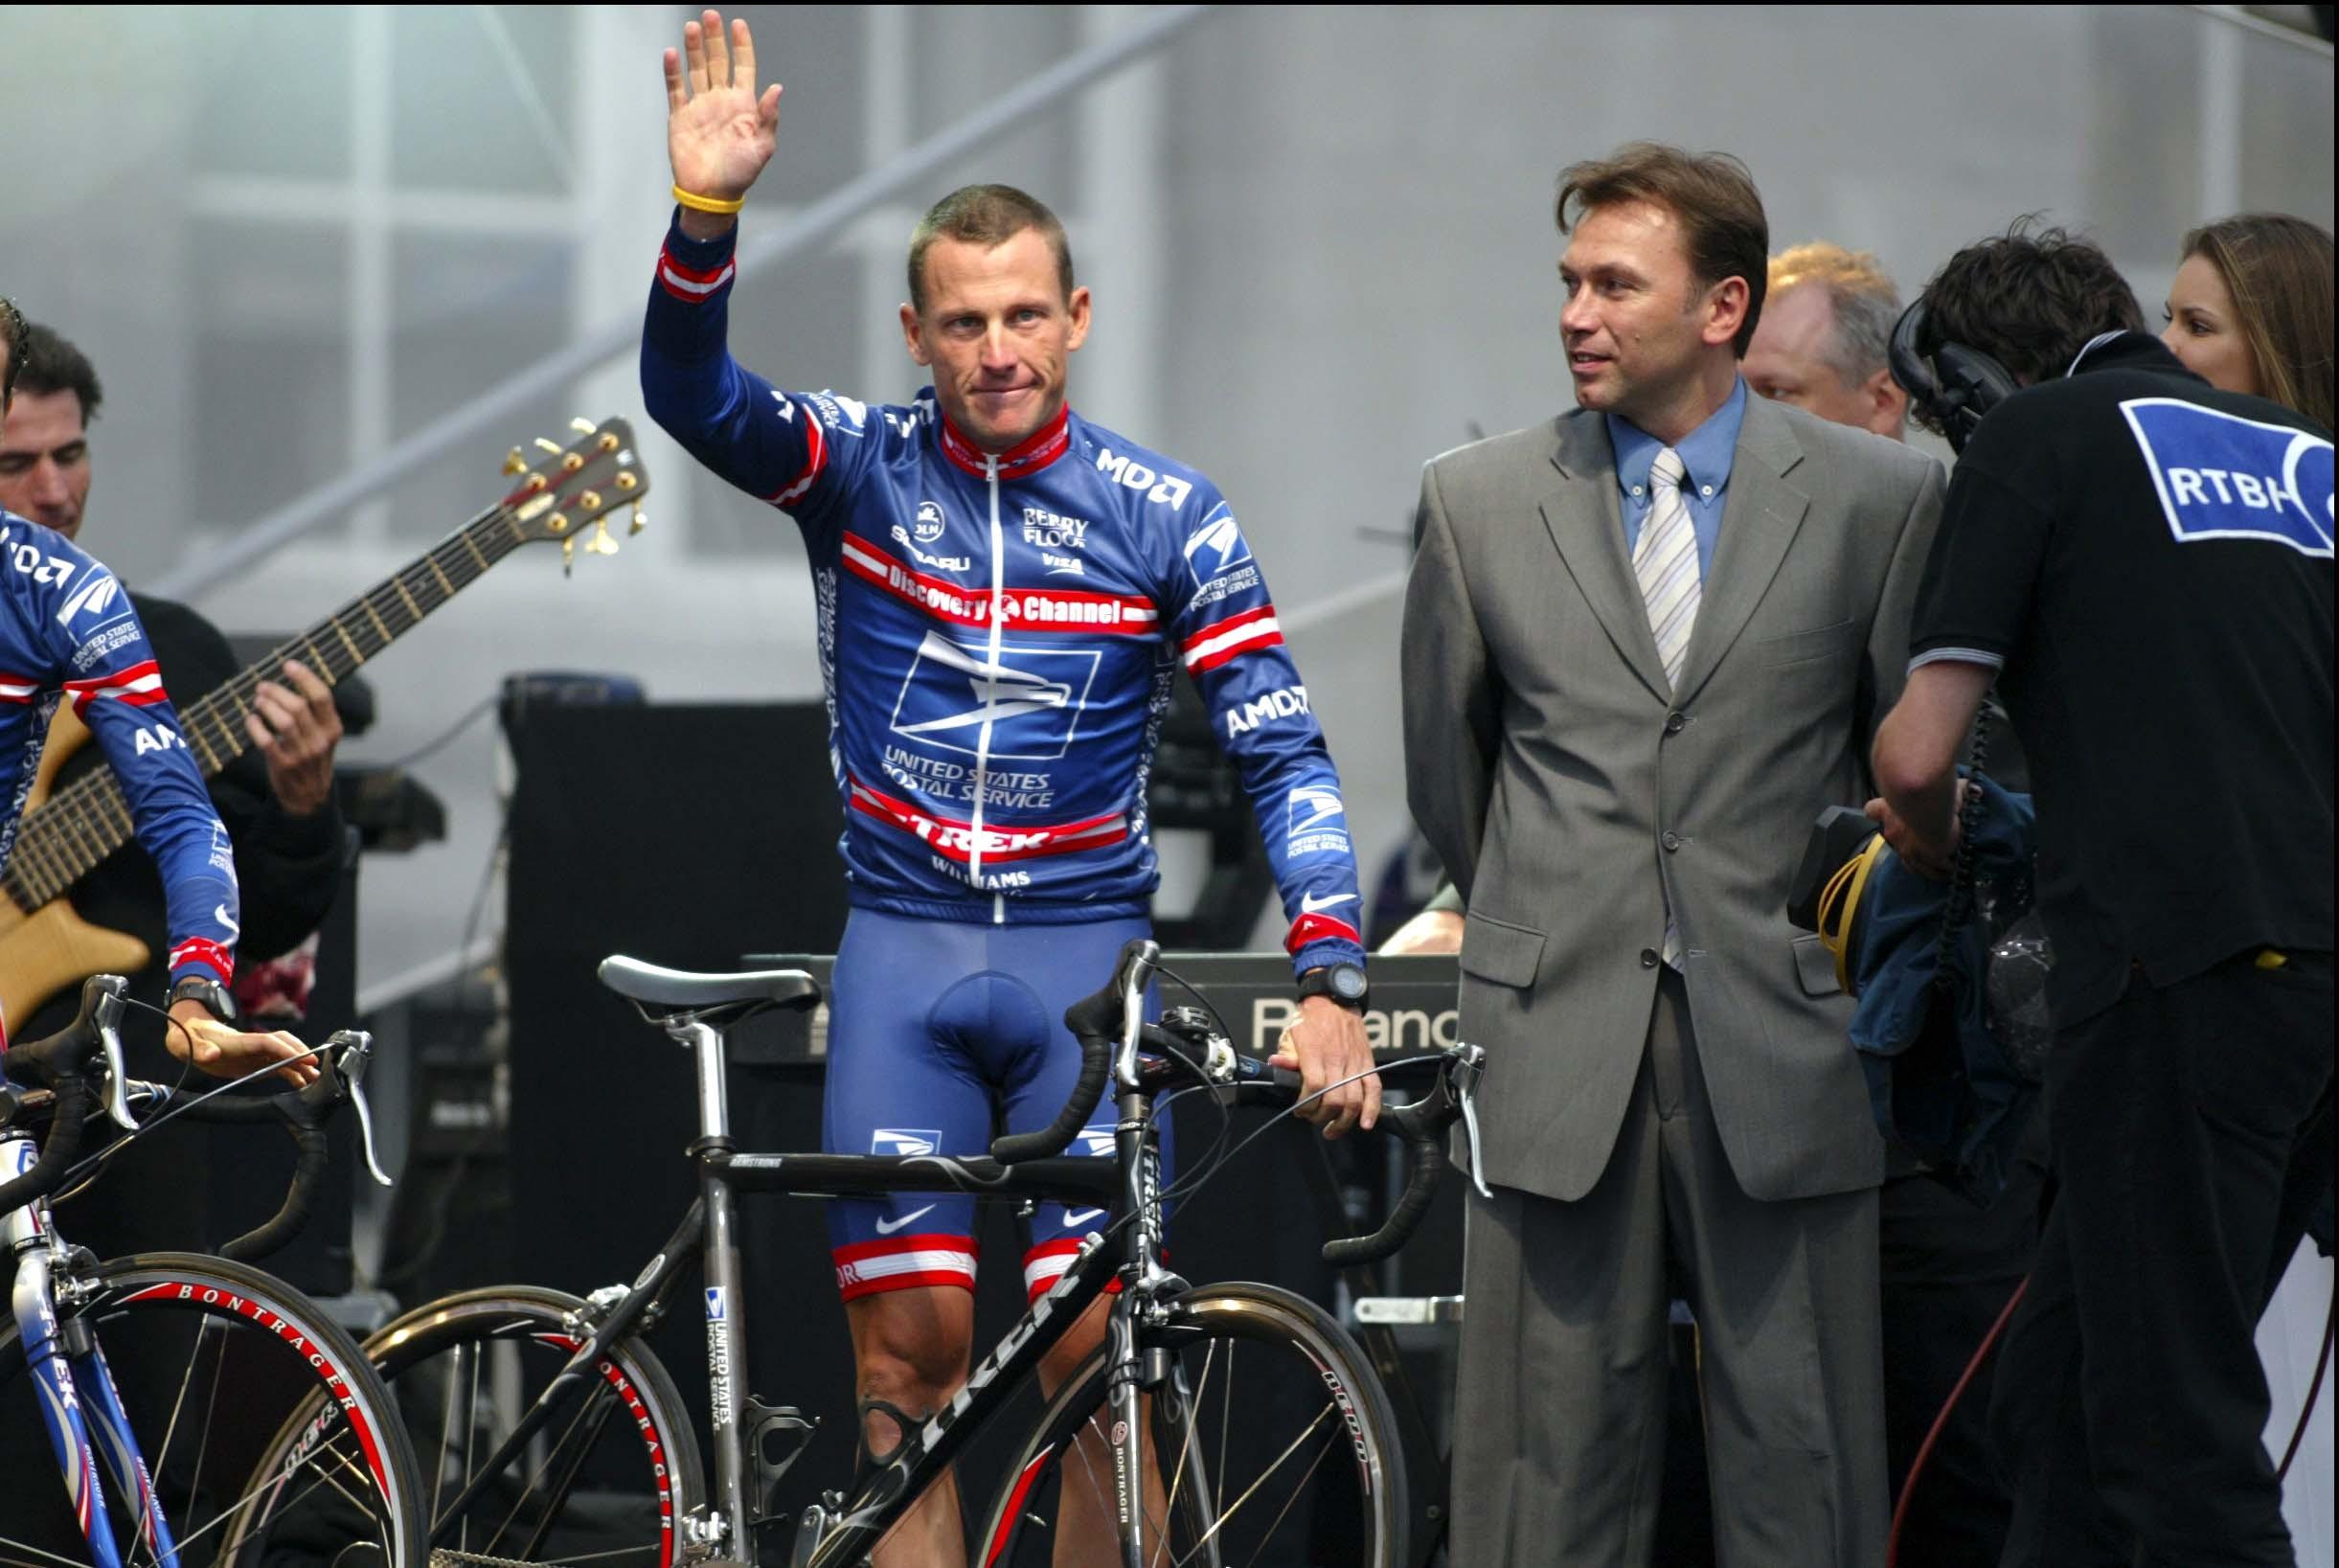 Tour de France 2004 - ploegenpresentatie